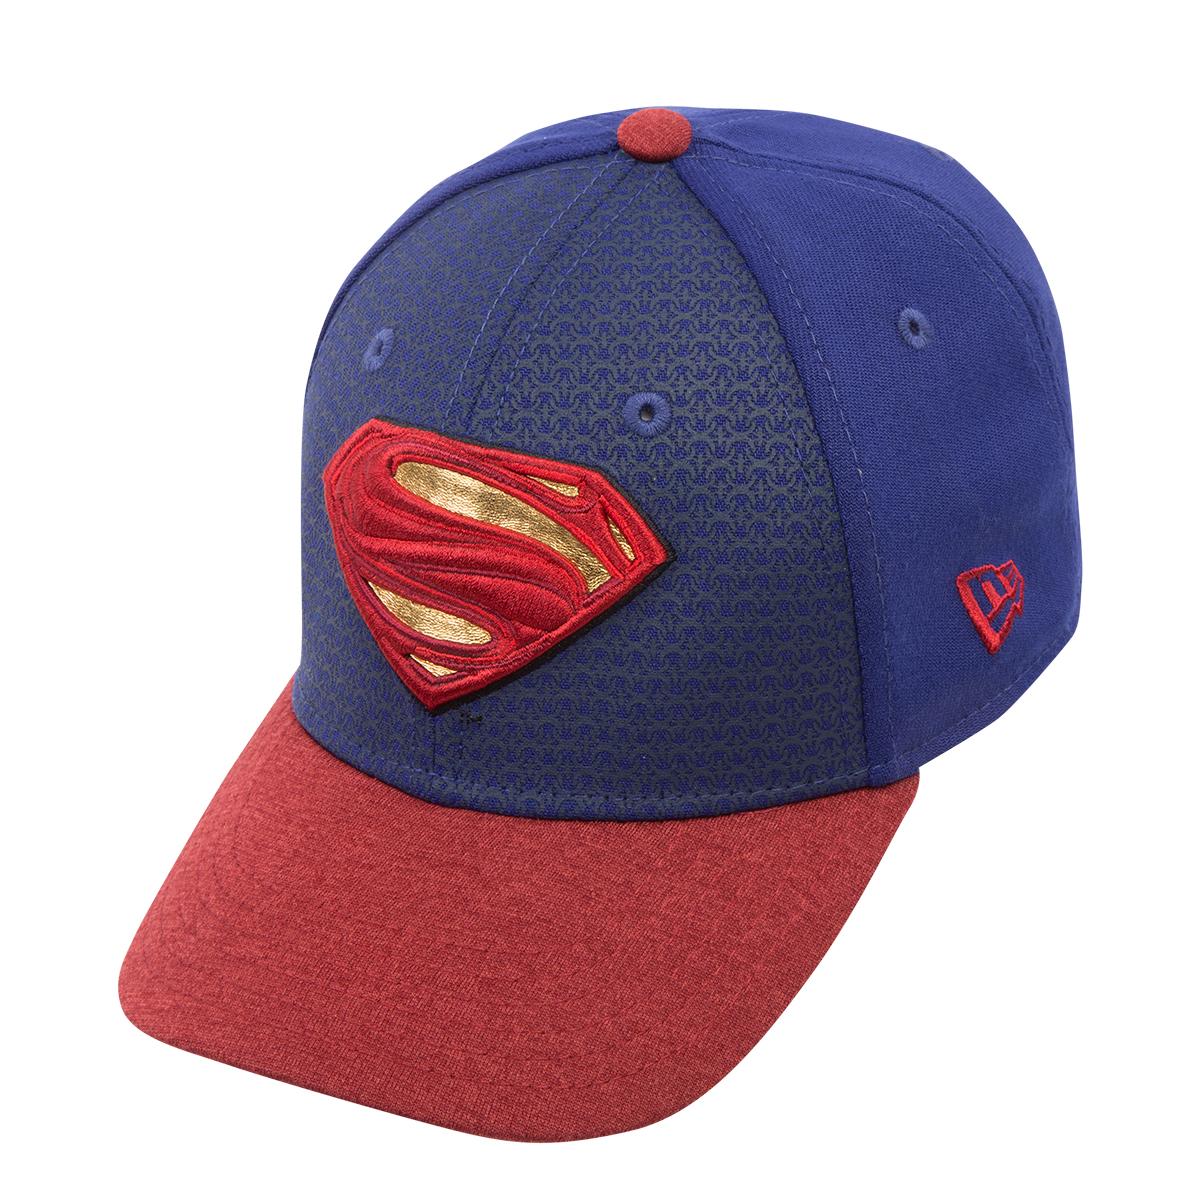 KKahne Justice League Superman Youth Cap -Y LG